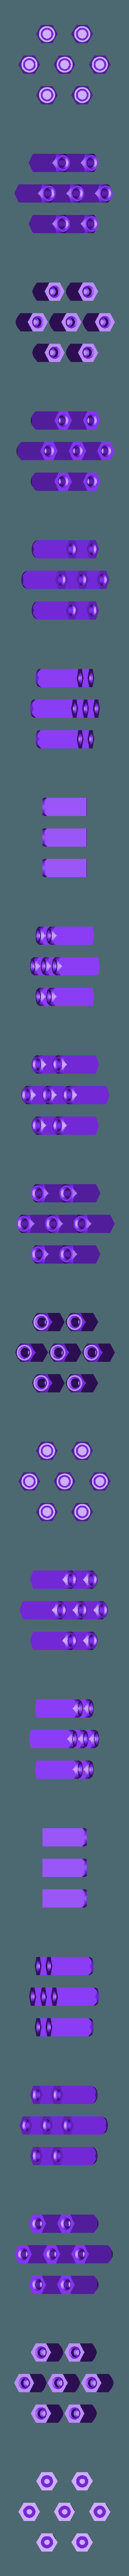 turtlebot_mount_flag.stl Télécharger fichier SCAD gratuit Support de drapeau pour TurtleBot • Modèle à imprimer en 3D, Obenottr3D